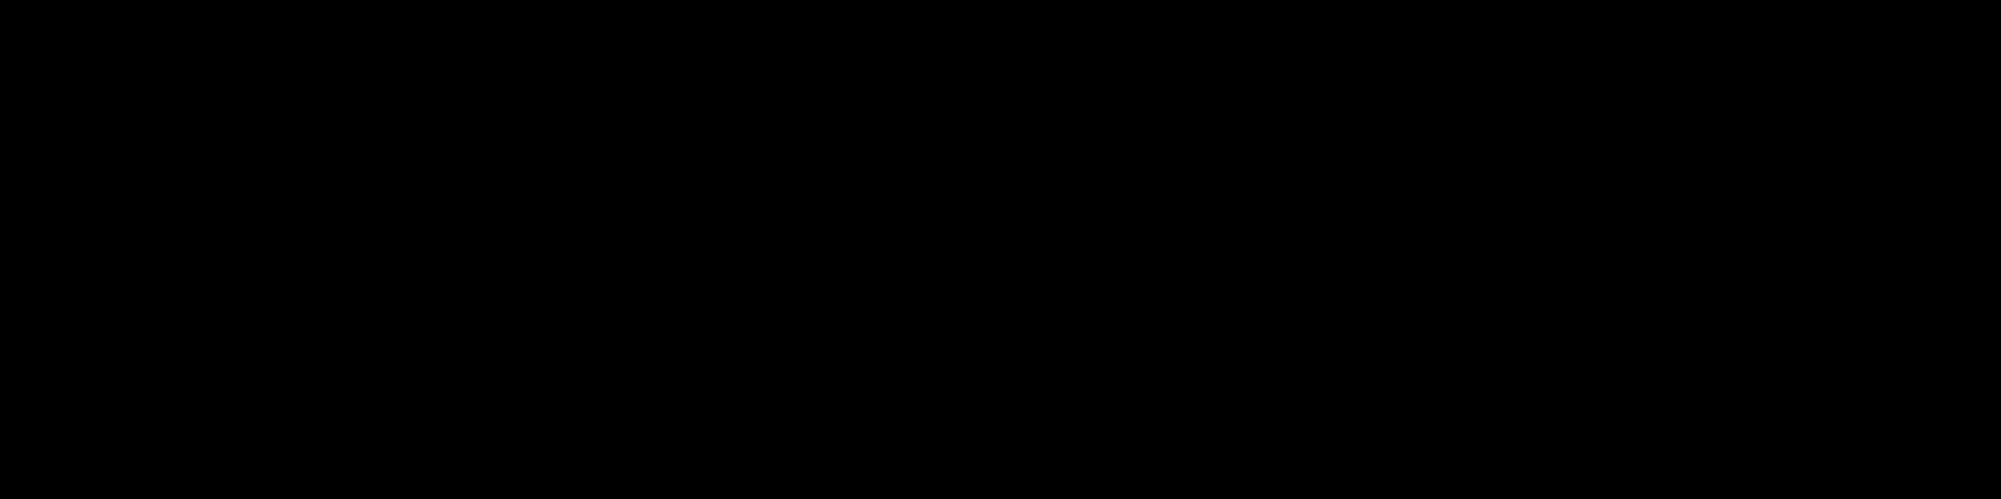 Luotsi logo